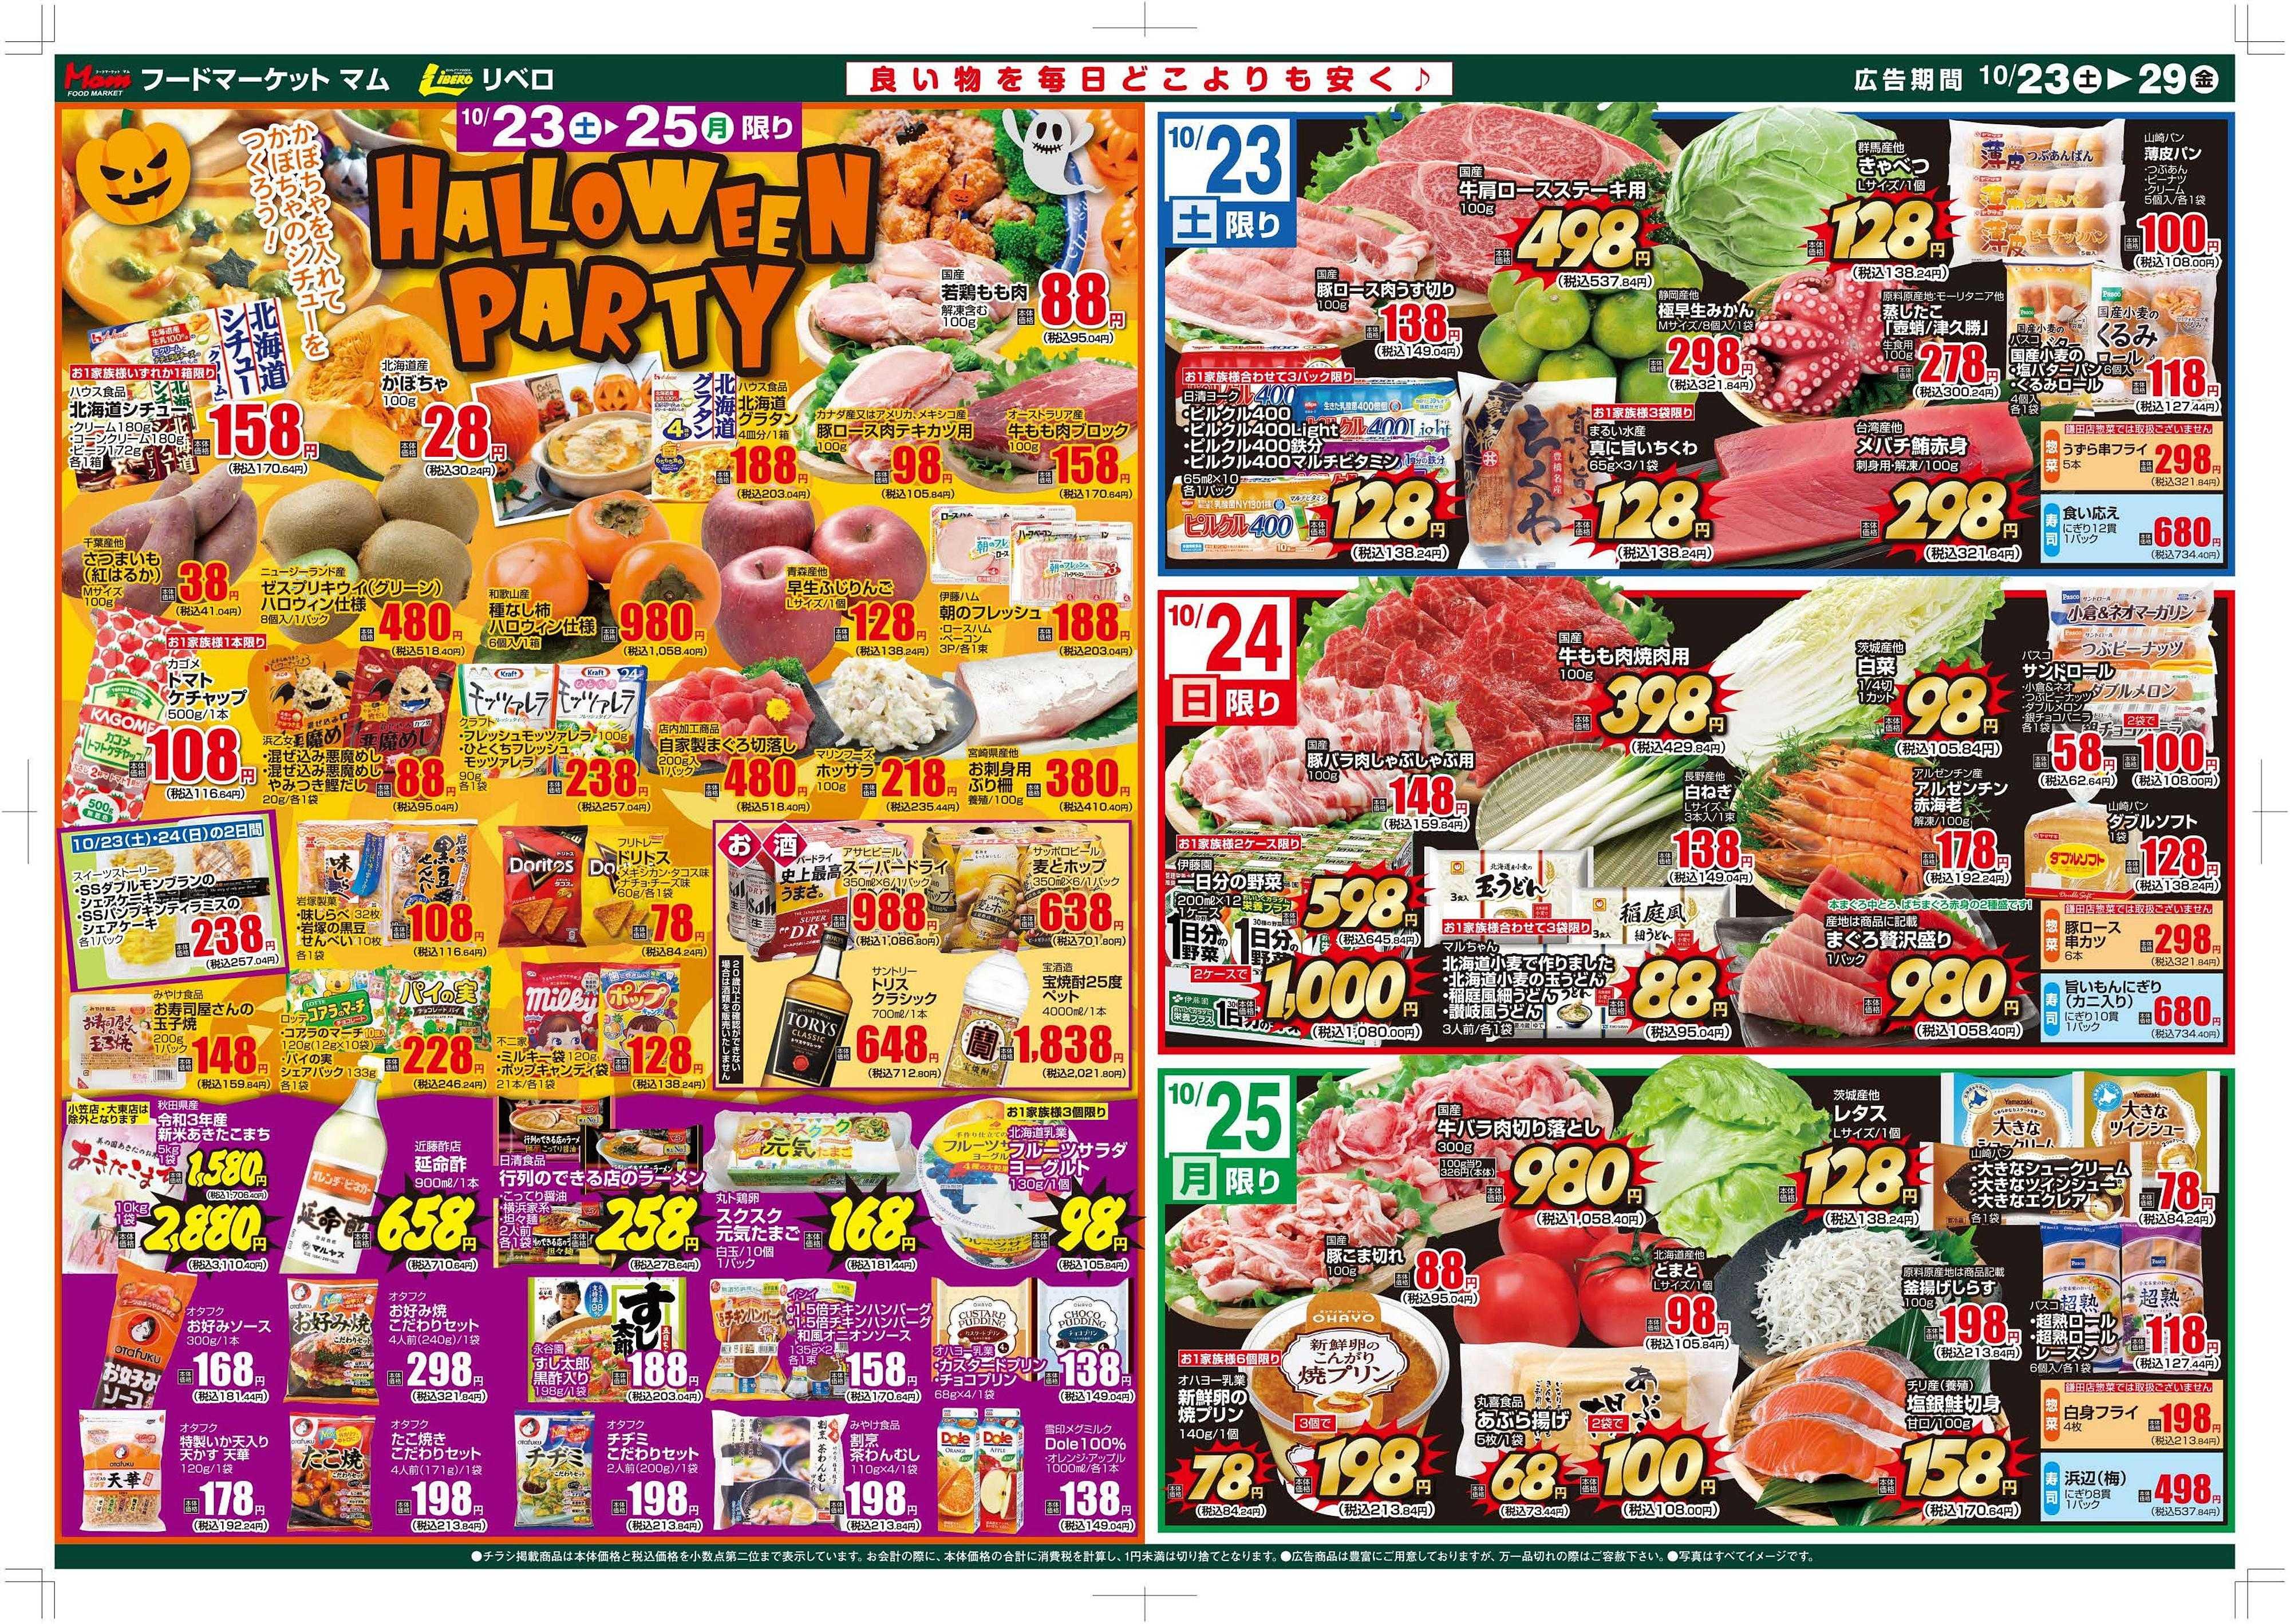 フードマーケット マム マム静岡・東部・中遠地区チラシ HALLOWEEN PARTYおもて